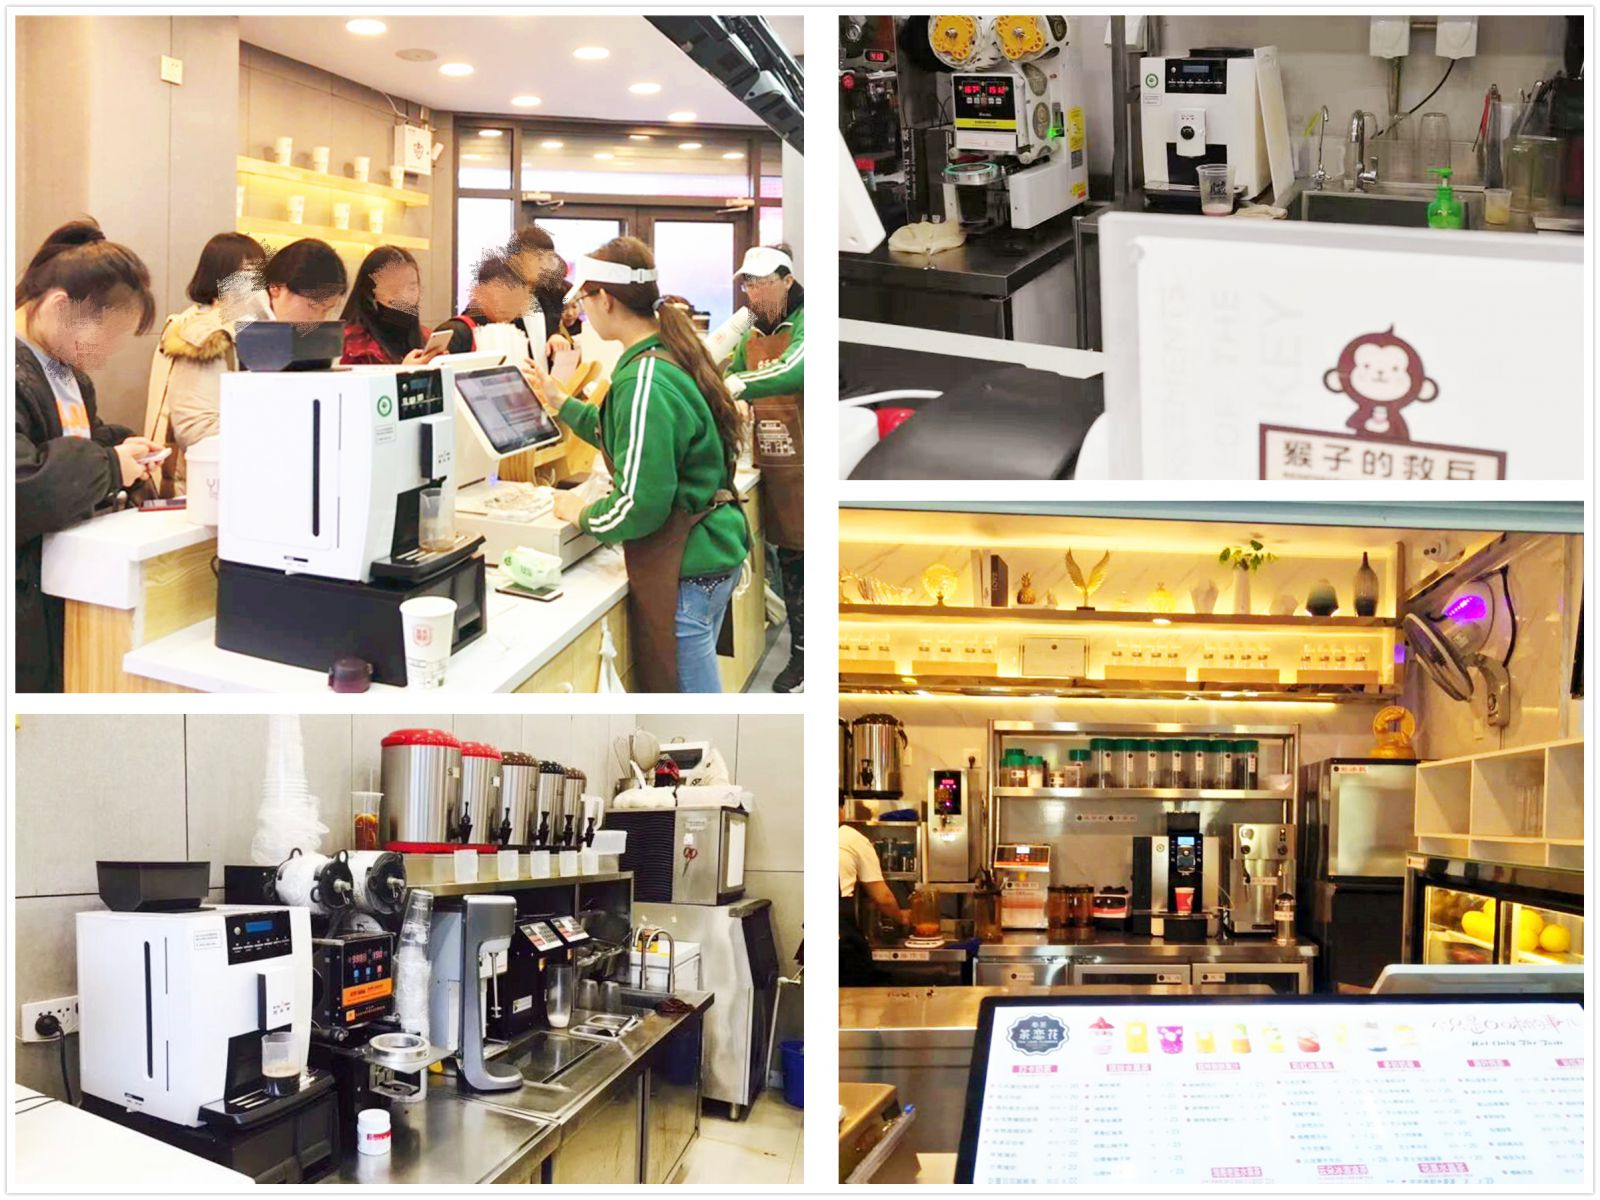 奶茶店咖啡机